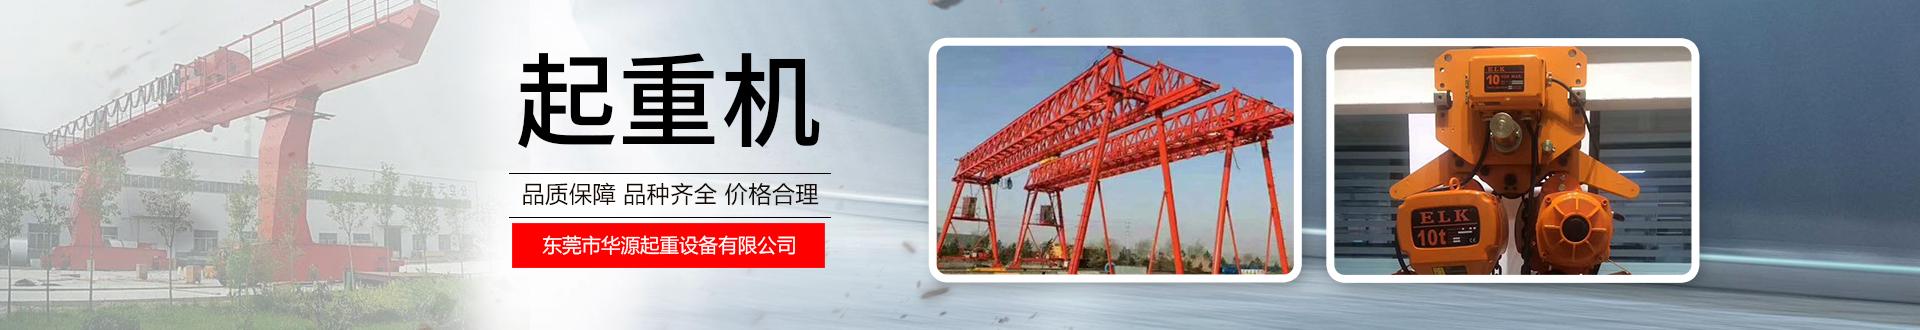 东莞市华源起重设备有限公司